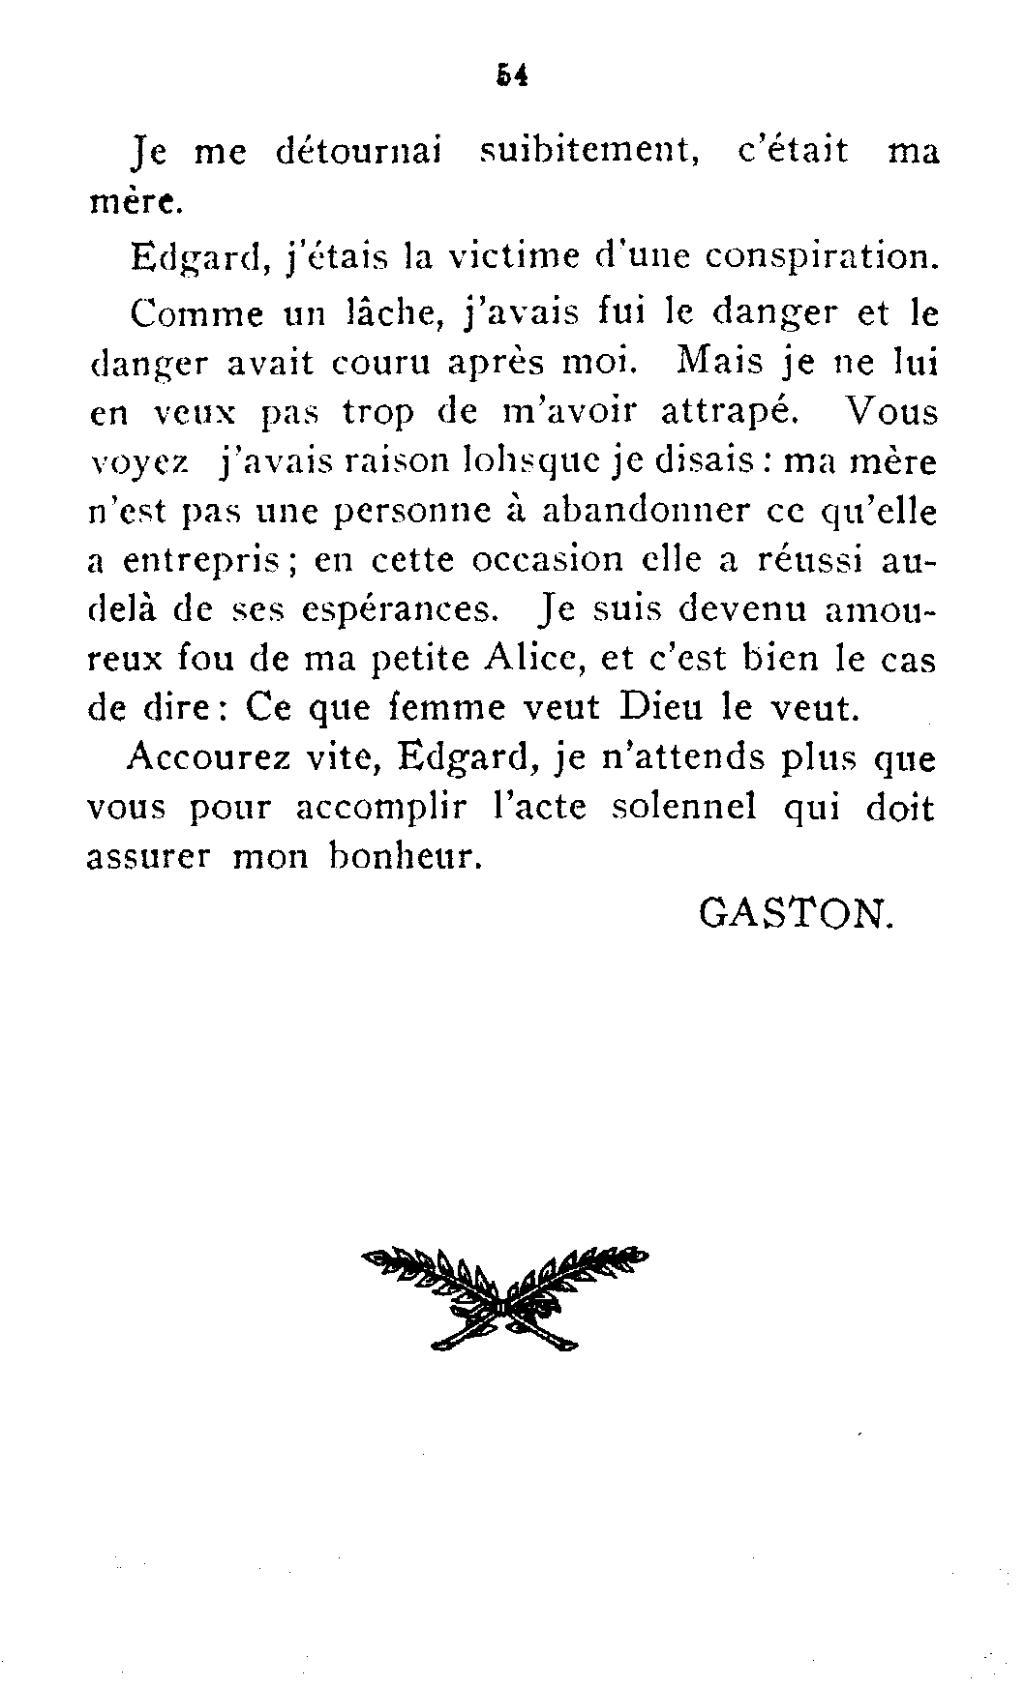 Page bibaud lionel duvernoy wikisource - Gaston ouvrard je ne suis pas bien portant ...